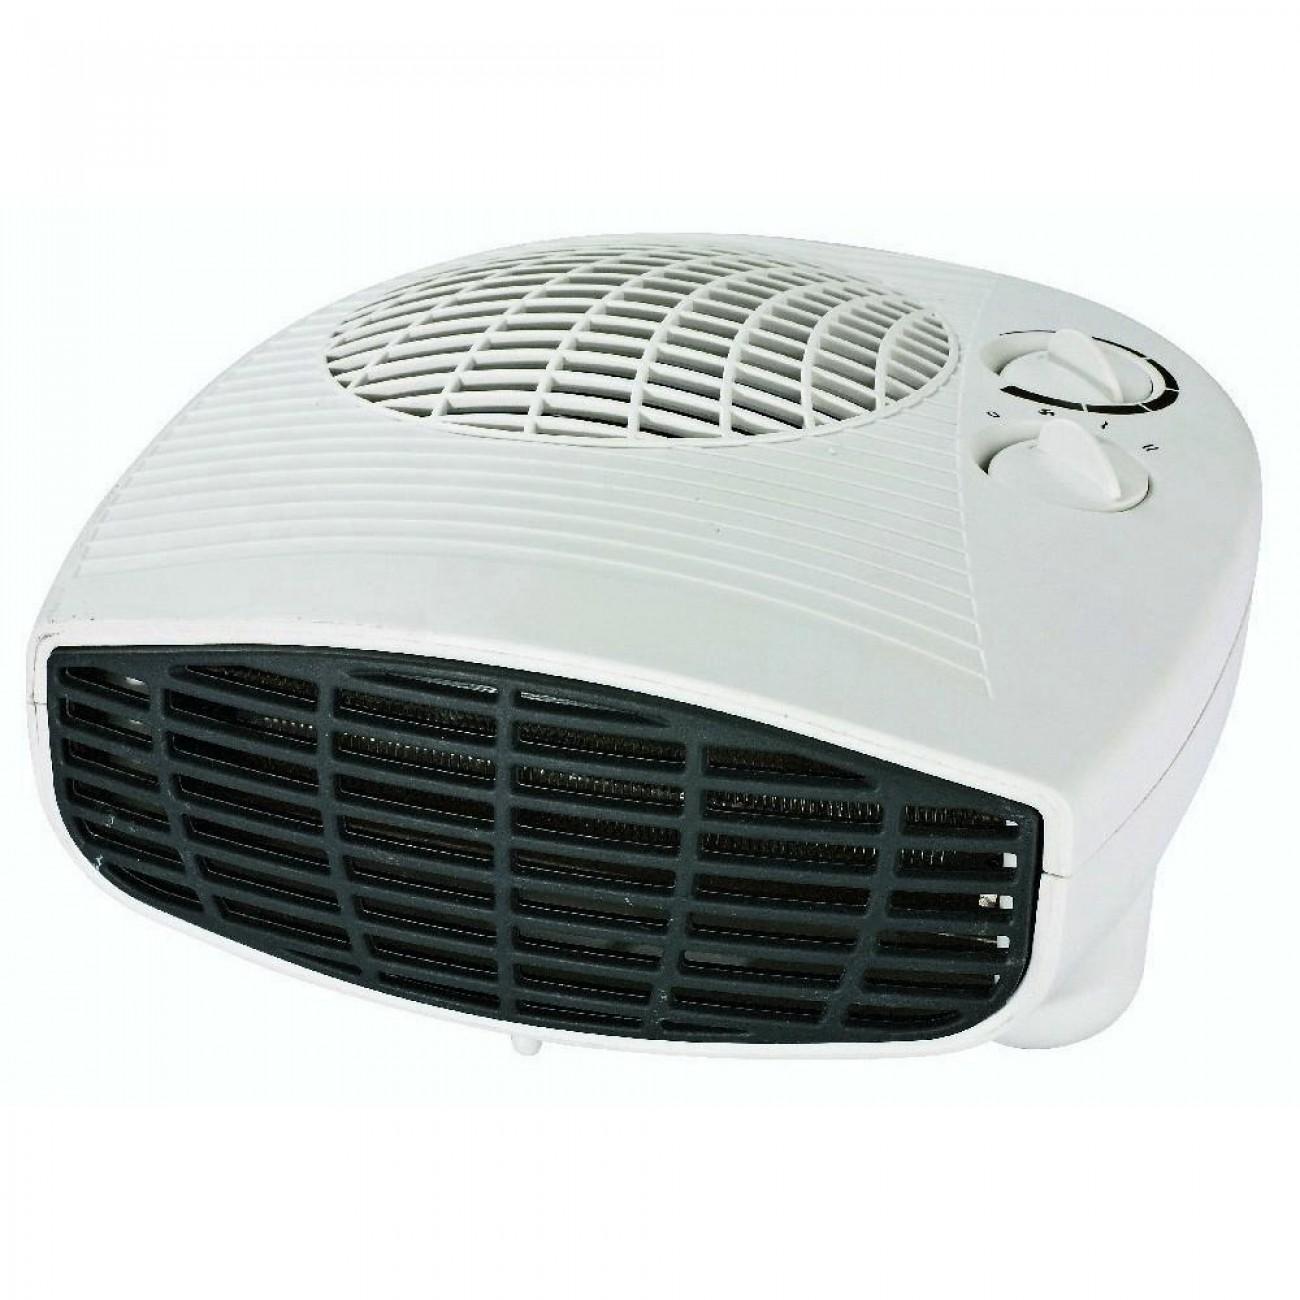 Вентилаторна печка - духалка SAPIR SP 1970 Z, 2000W, 3 степени, Отопление/Охлаждане в Вентилаторни печки - духалки - SAPIR   Alleop